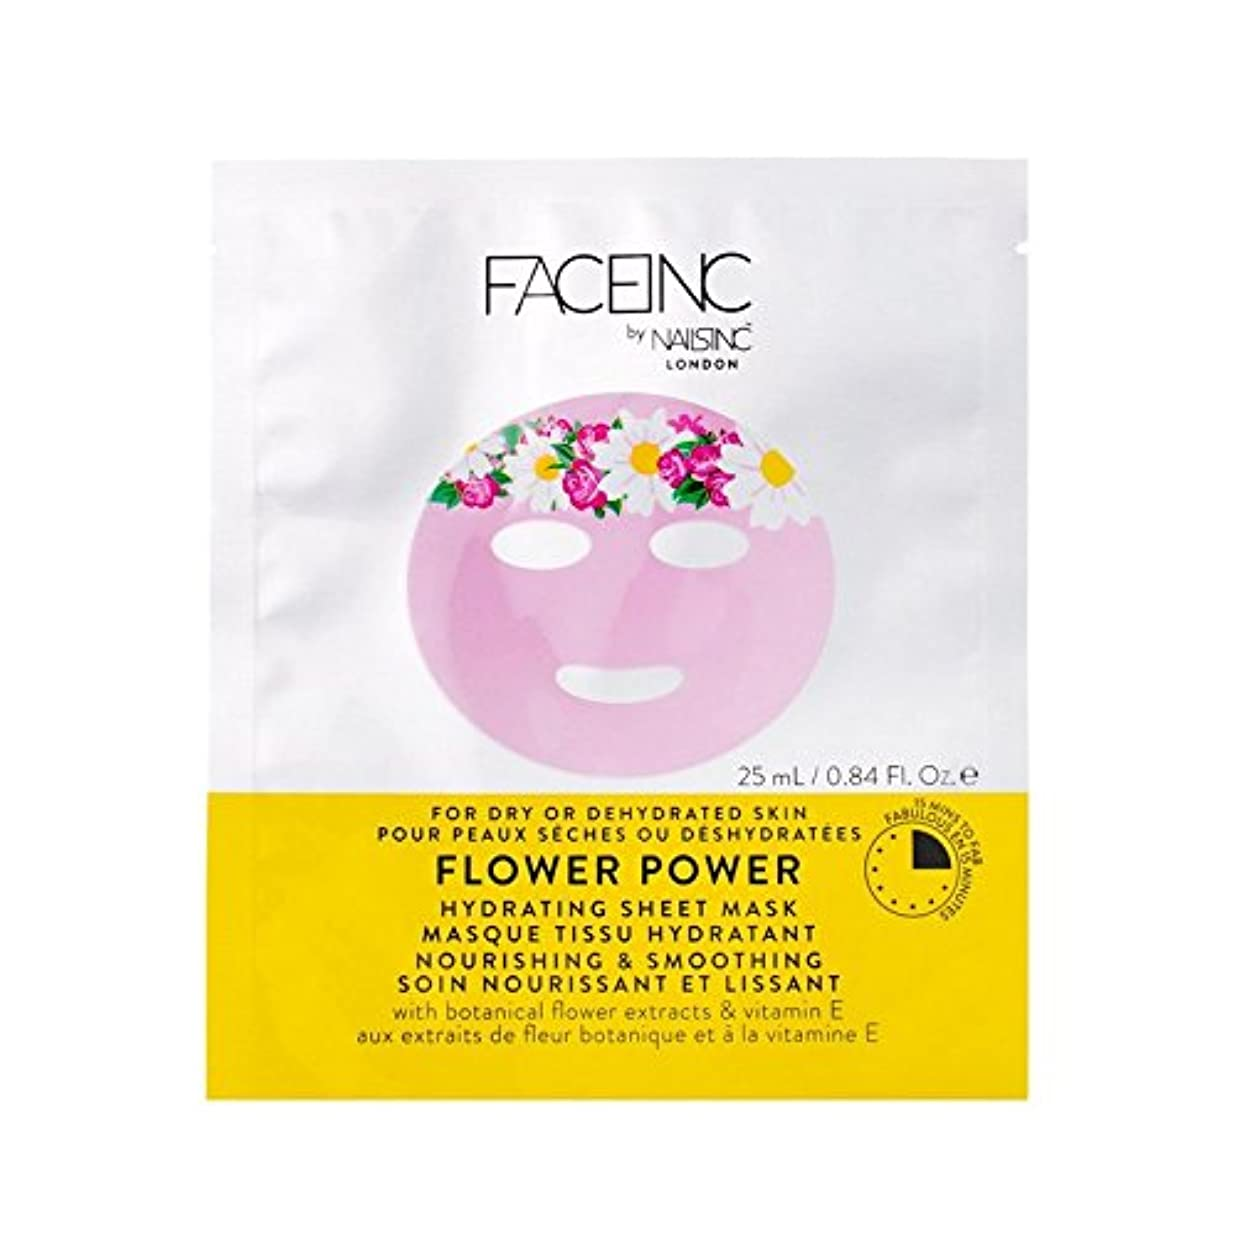 弾性新しい意味思いやりNails Inc. Face Inc Flower Power Mask - 爪が株式会社顔株式会社花のパワーマスク [並行輸入品]